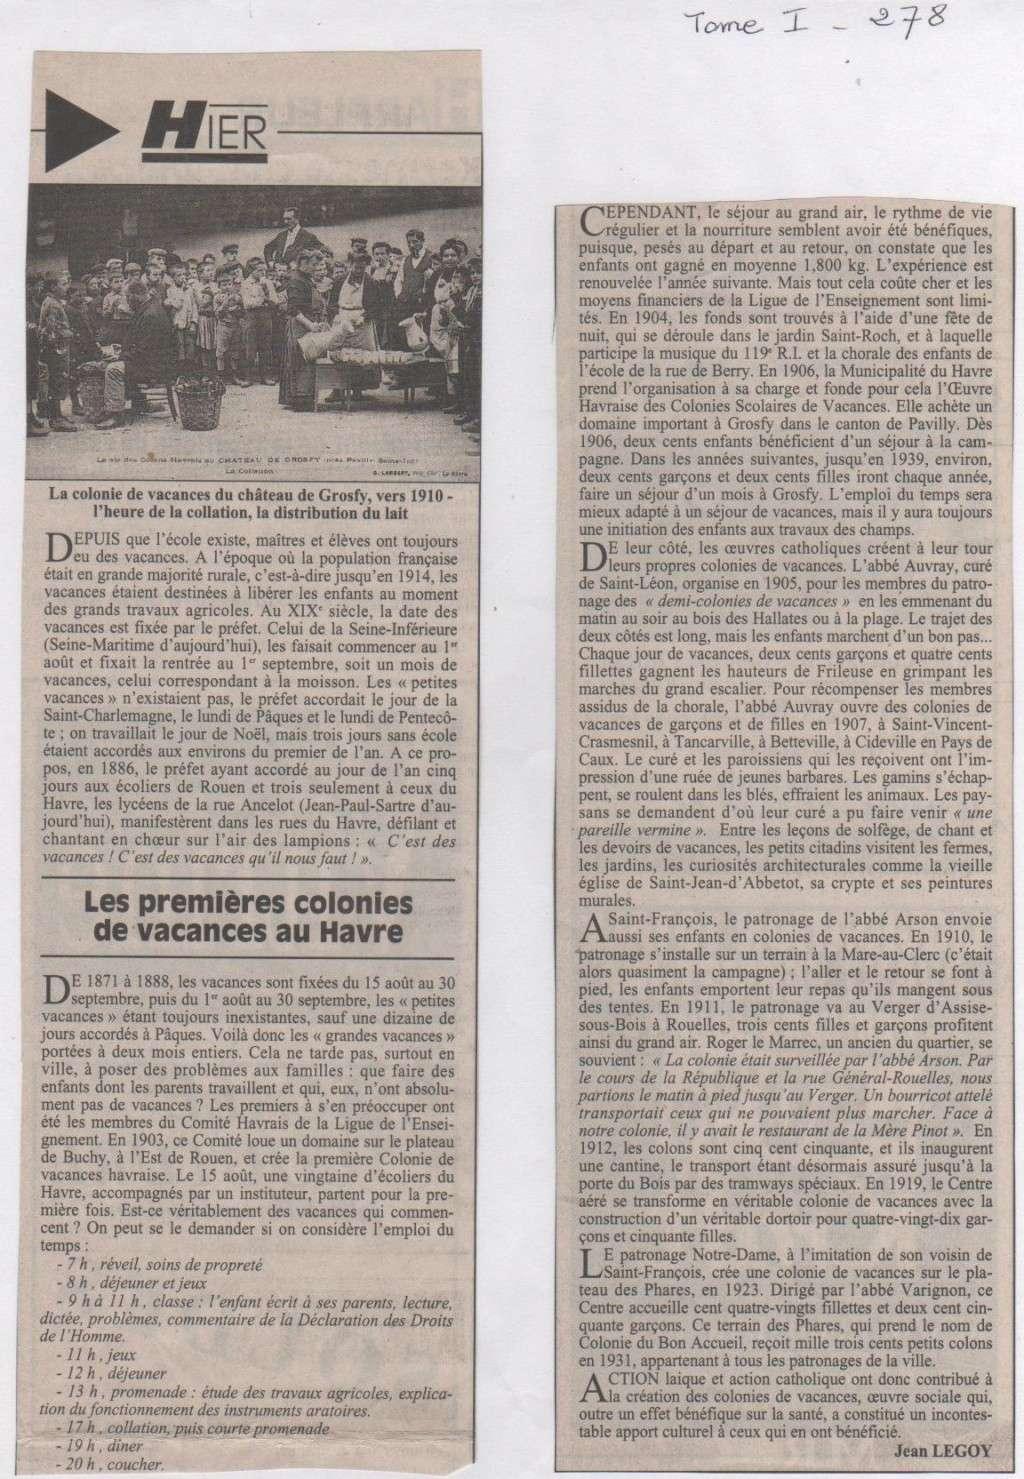 bléville - Hier, Le Havre par Jean LEGOY - Page 4 Les_co11